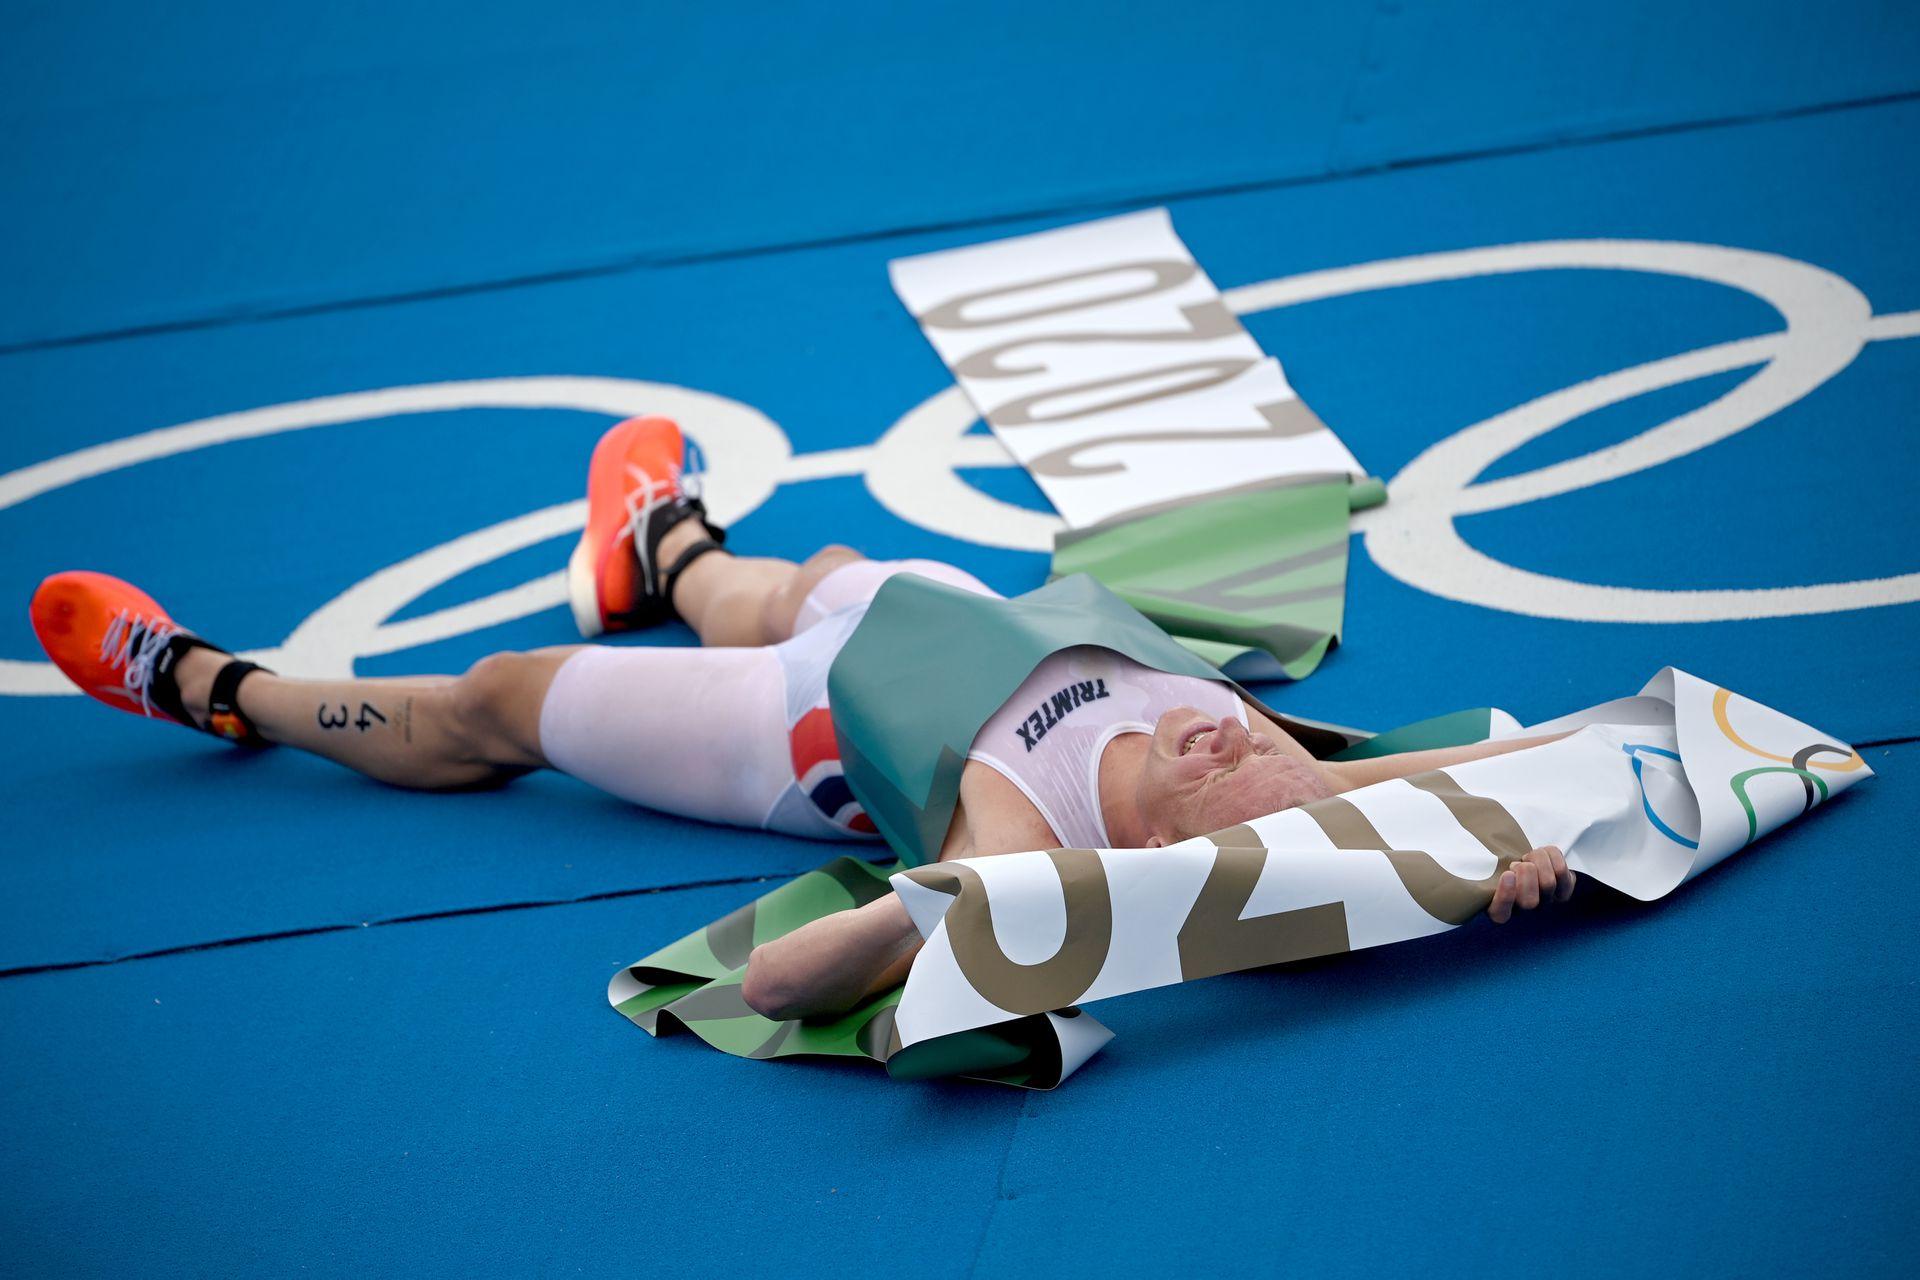 Juegos Olímpicos, distancia olímpica (1,5 km de natación, 40 km de bicicleta, 10 km de carrera), hombres en el Parque Marino de Odaiba. Kristian Blummenfelt de Noruega celebra la victoria en la meta.